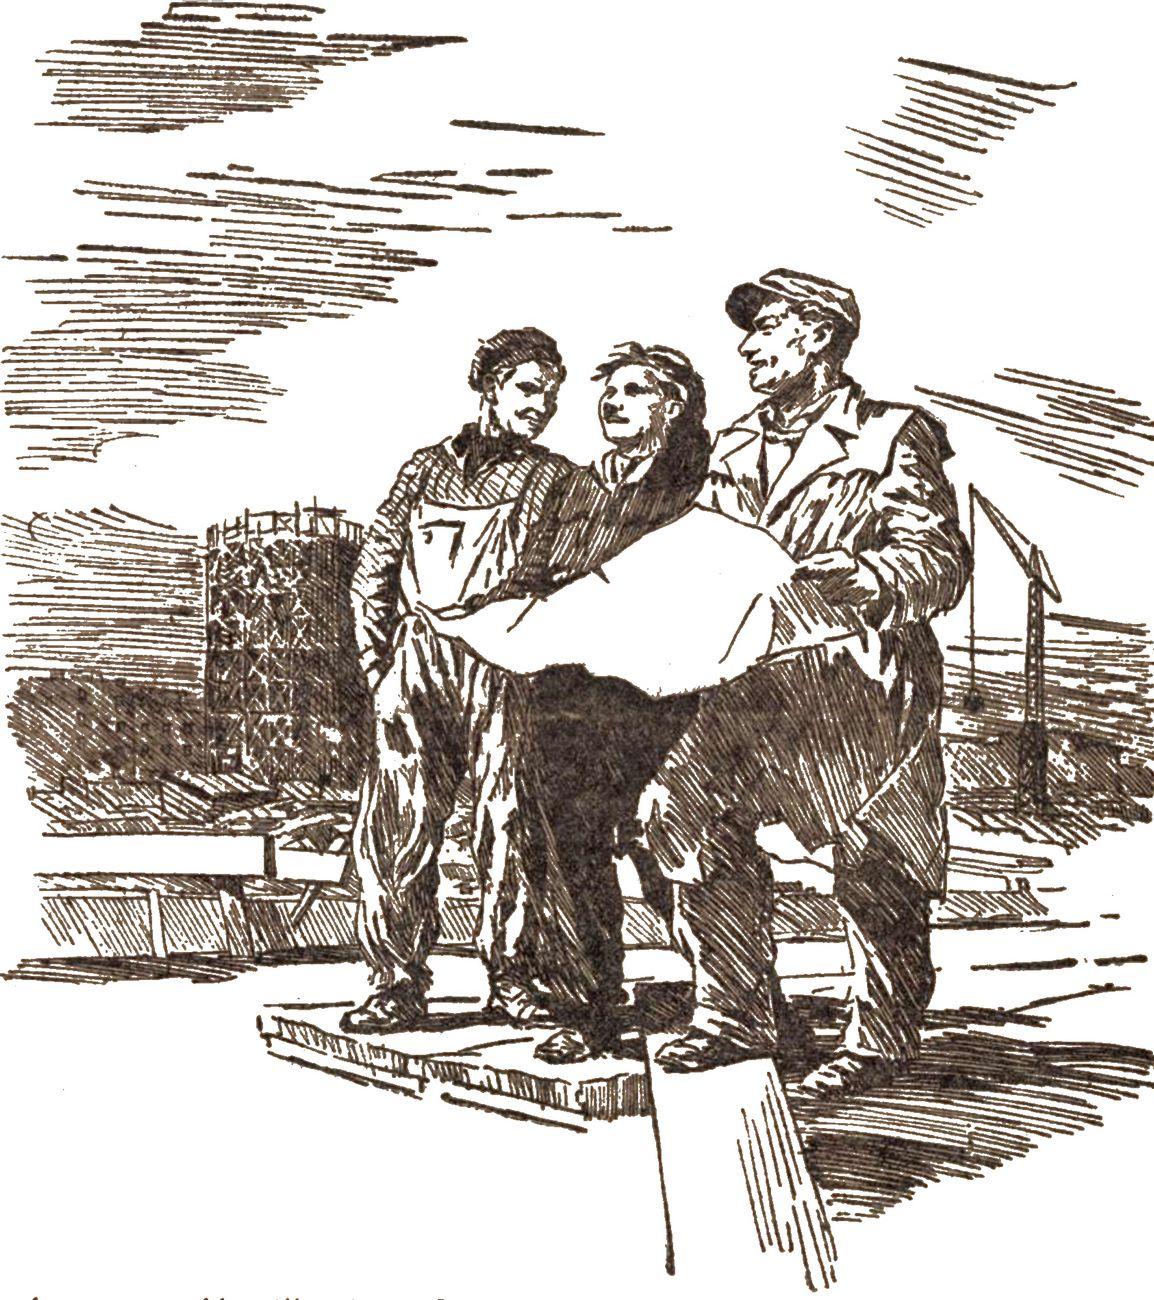 A Sztálin Vasmű kéményei a szocialista ipar győzelmét hirdetik